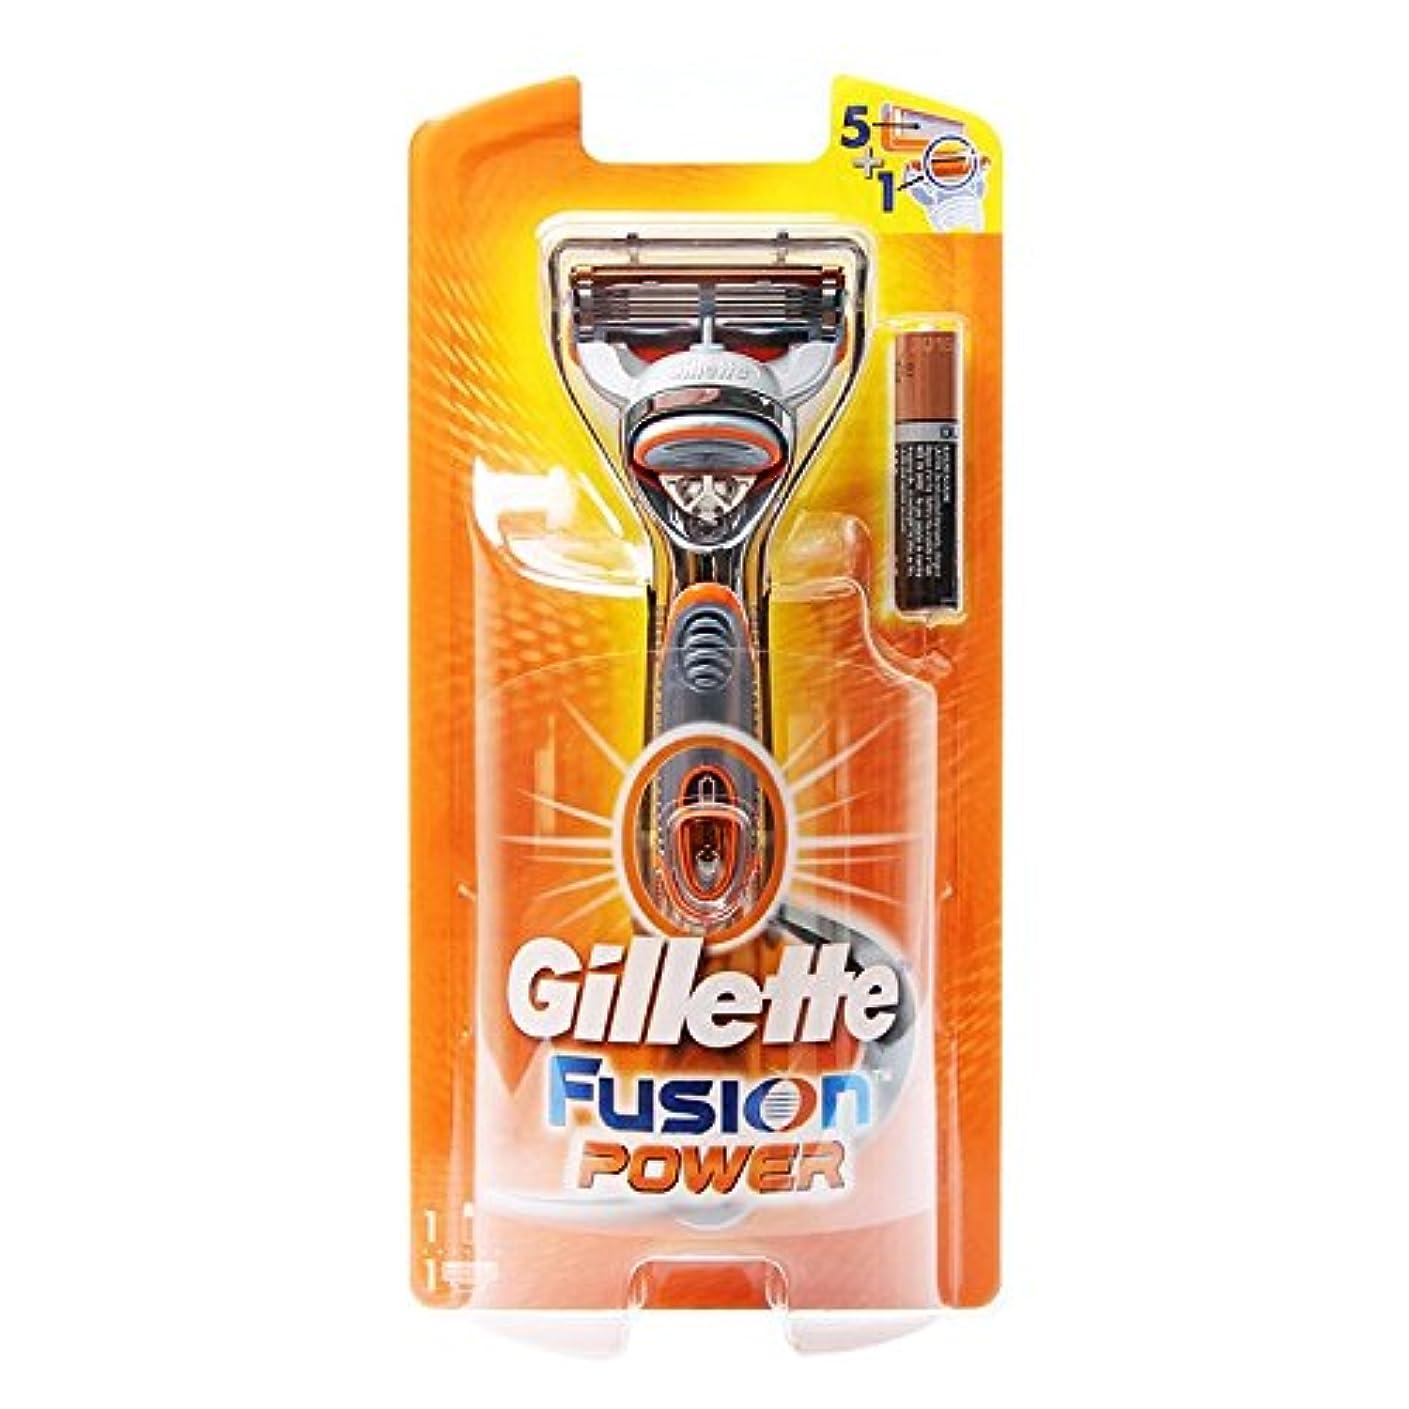 簡略化するリアル不安Gillette Fusion power 1 かみそり [並行輸入品]